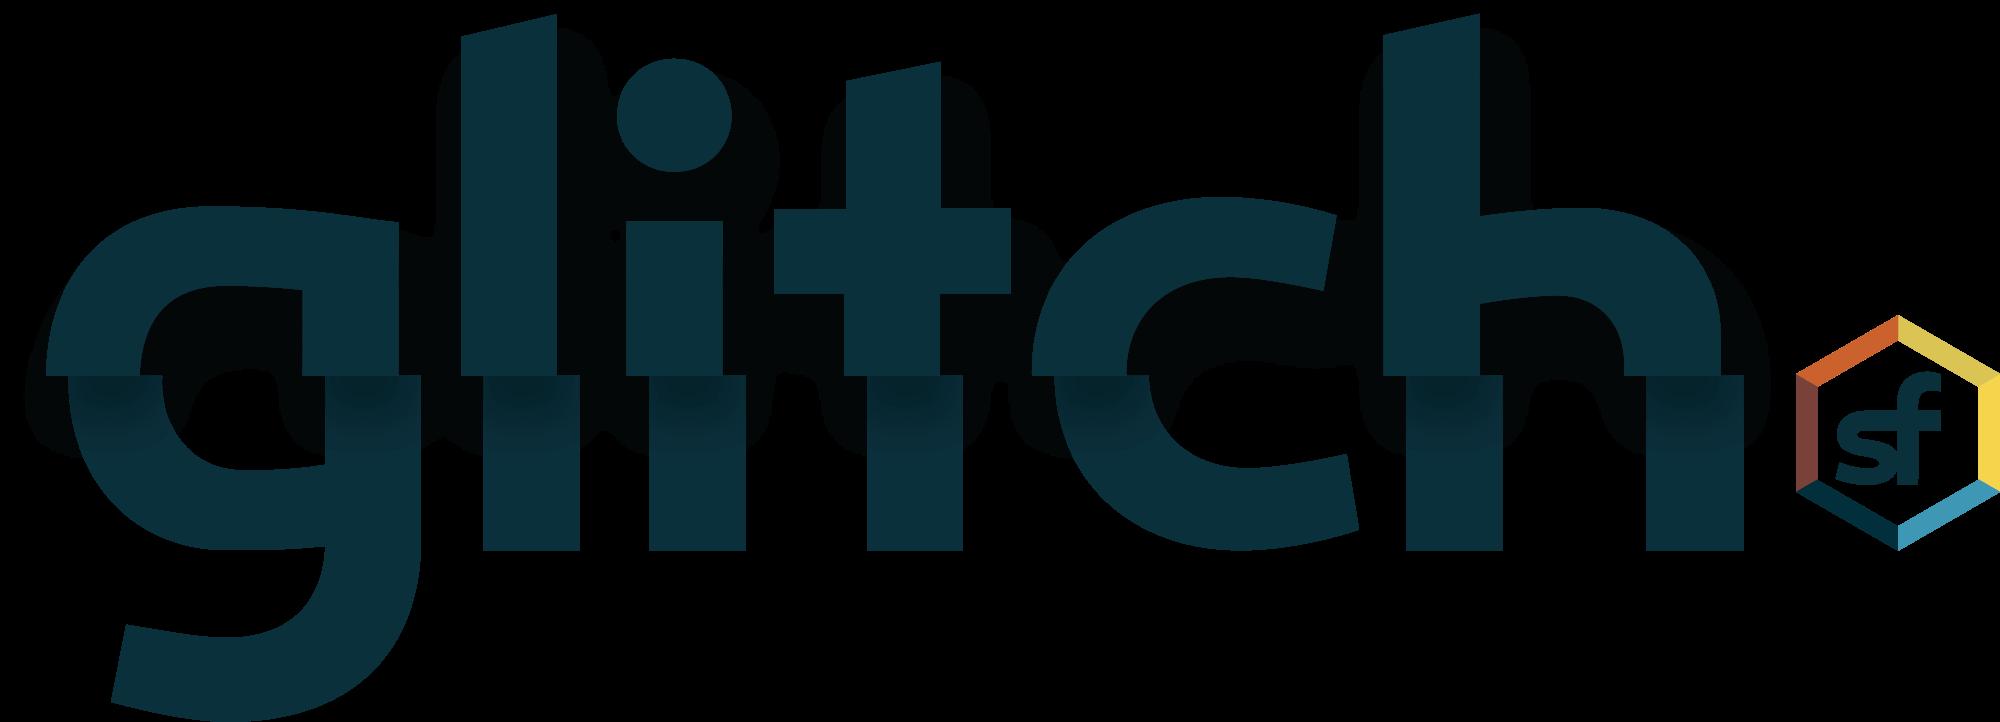 ShutterFest Glitch